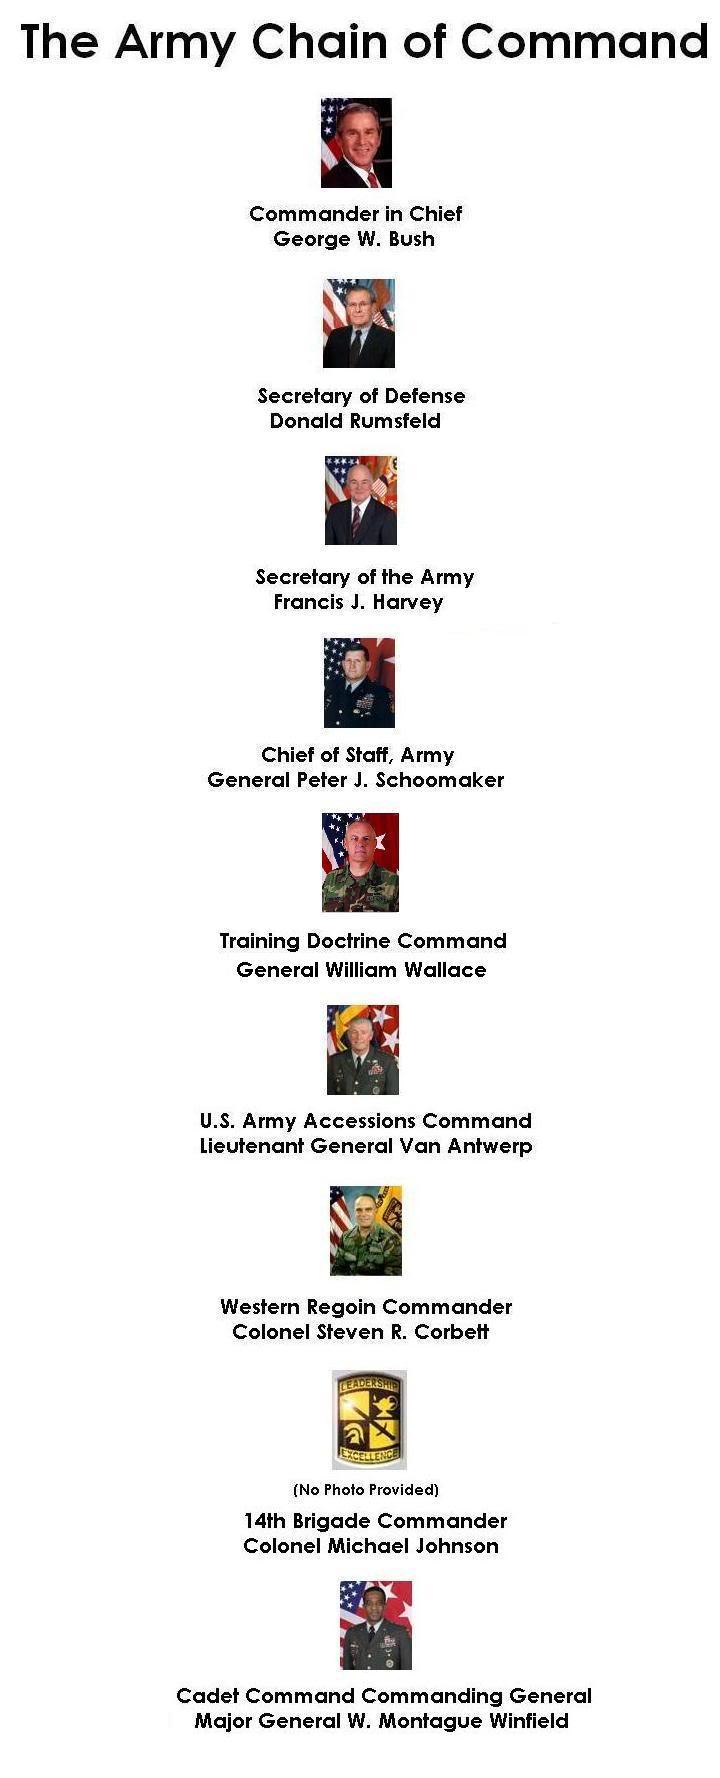 McDonald's Company Hierarchy